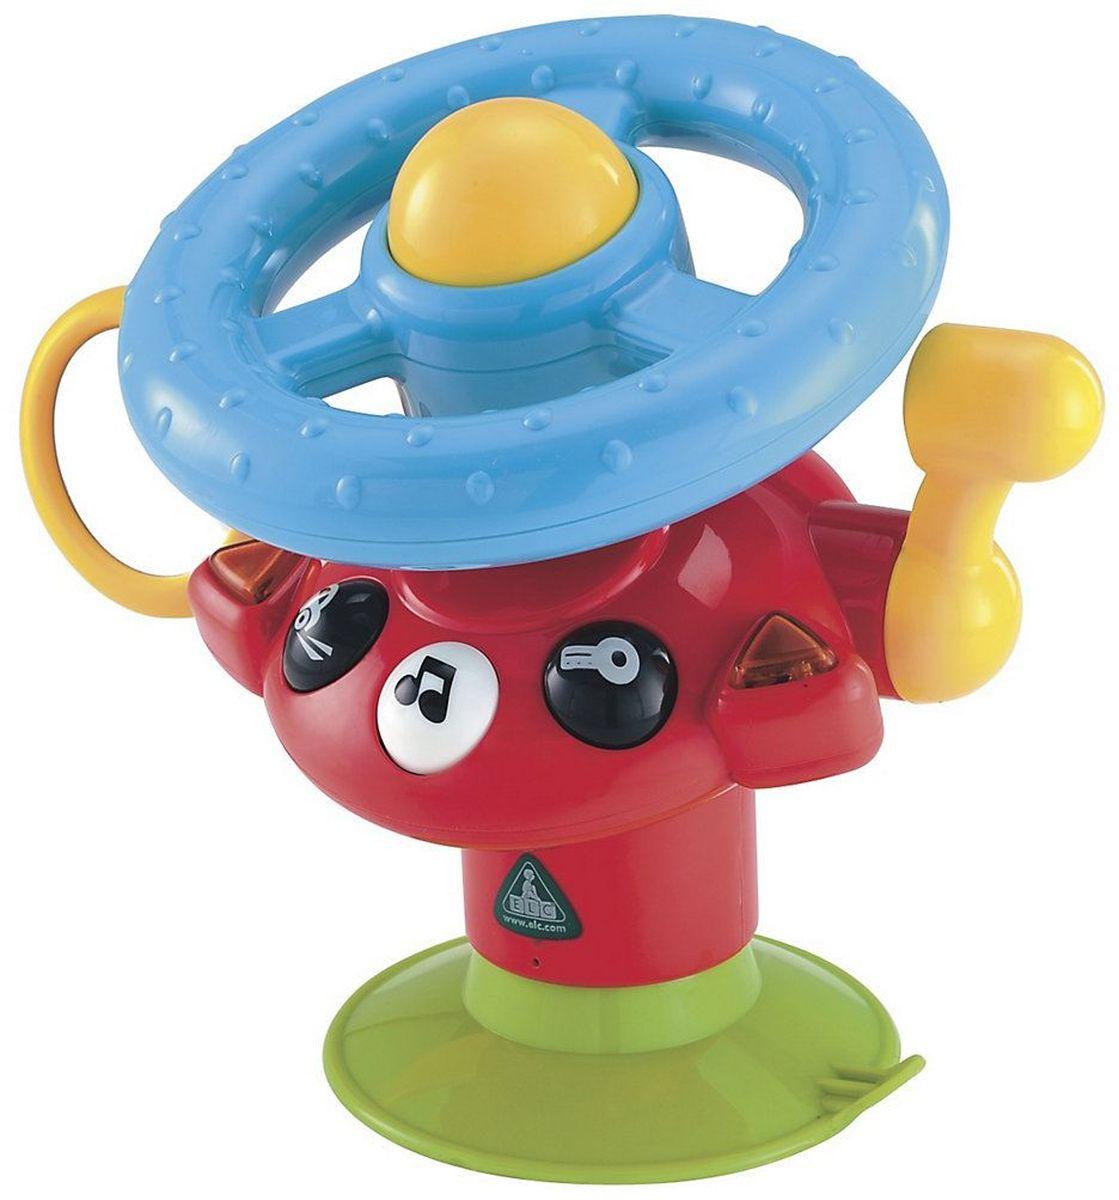 ELC Развивающая игрушка Веселый руль130656Ваш малыш никогда не заскучает в своем стульчике, если на него установить это замечательный руль. Звуки двигателя и сигналов, зеркало заднего вида, переключатель скорости, огоньки и 2 мелодии непременно привлекут его внимание. Крепиться к поверхности при помощи специальной присоски. Развивает зрительные, слуховые способности, способствует самовыражению, развитию творческого мышления и воображения. Необходимы 2х АА батарейки.